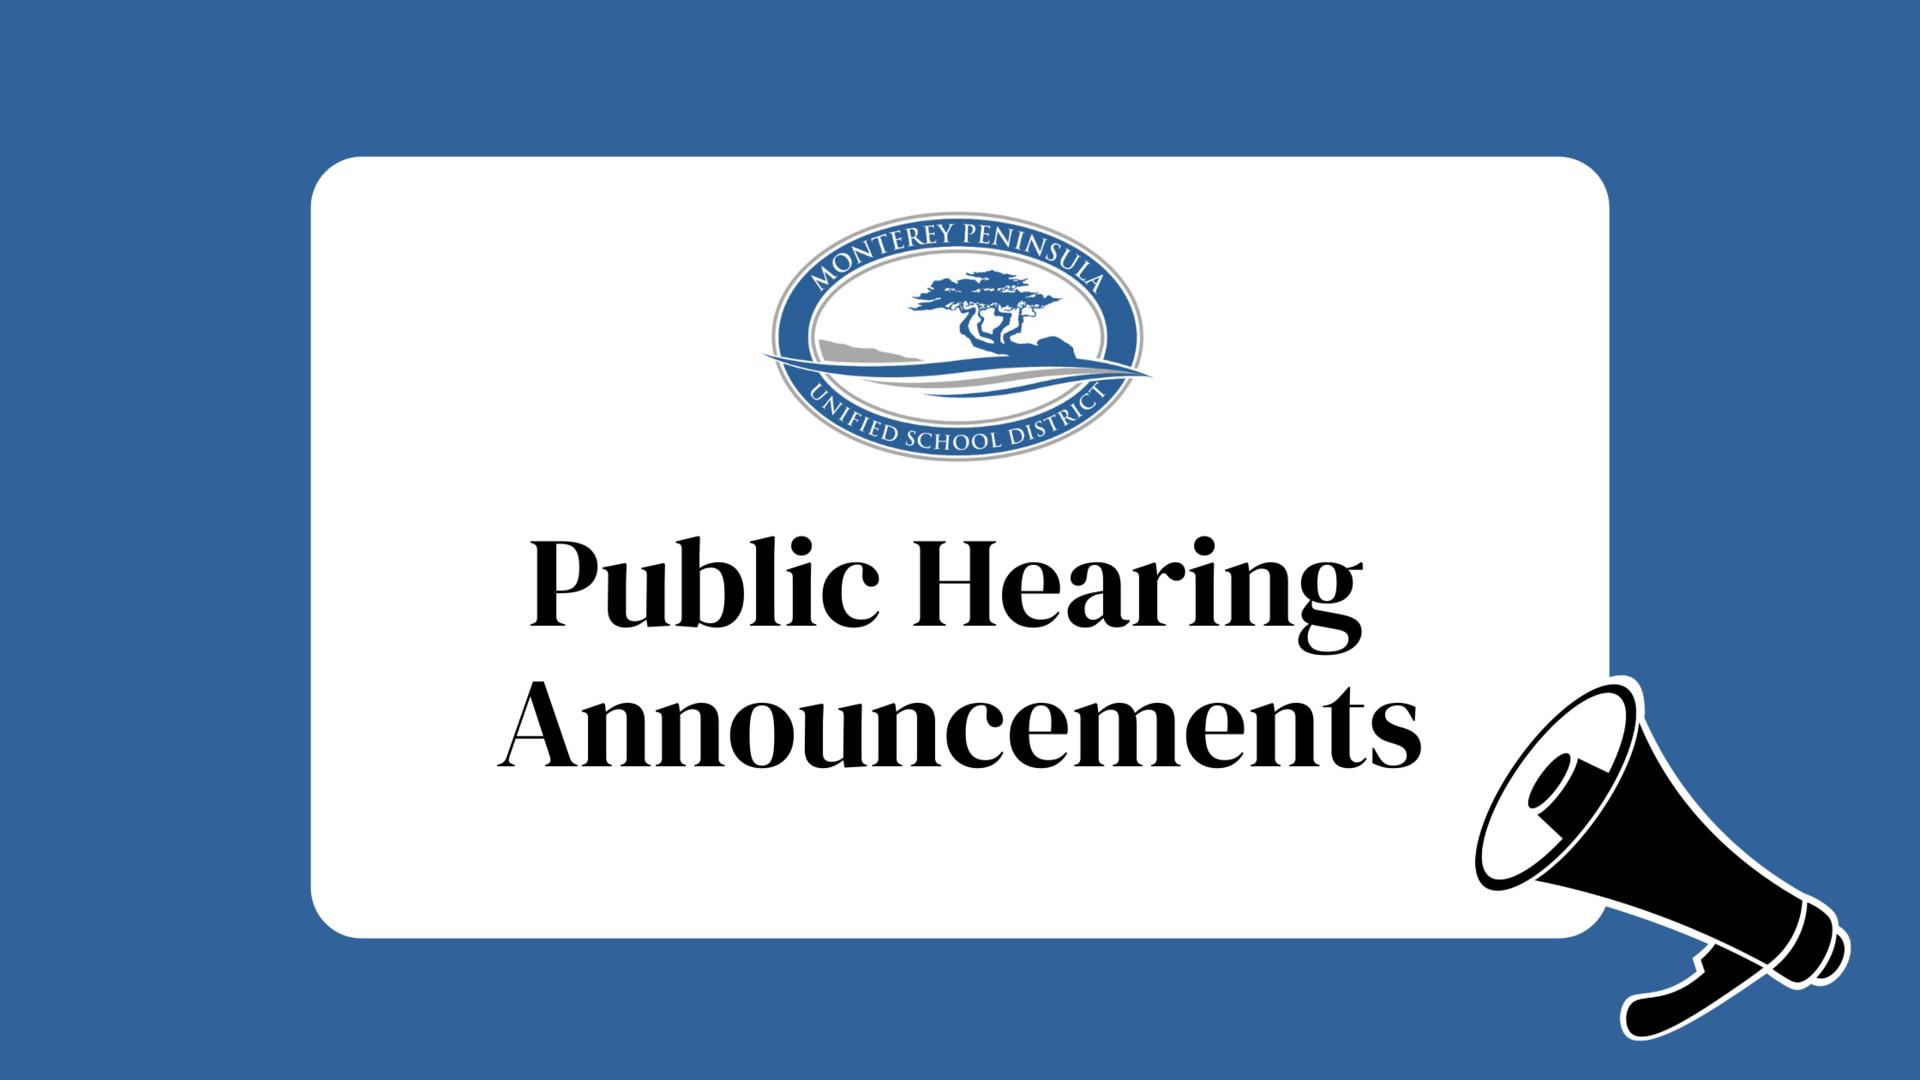 Public Hearings Announcements